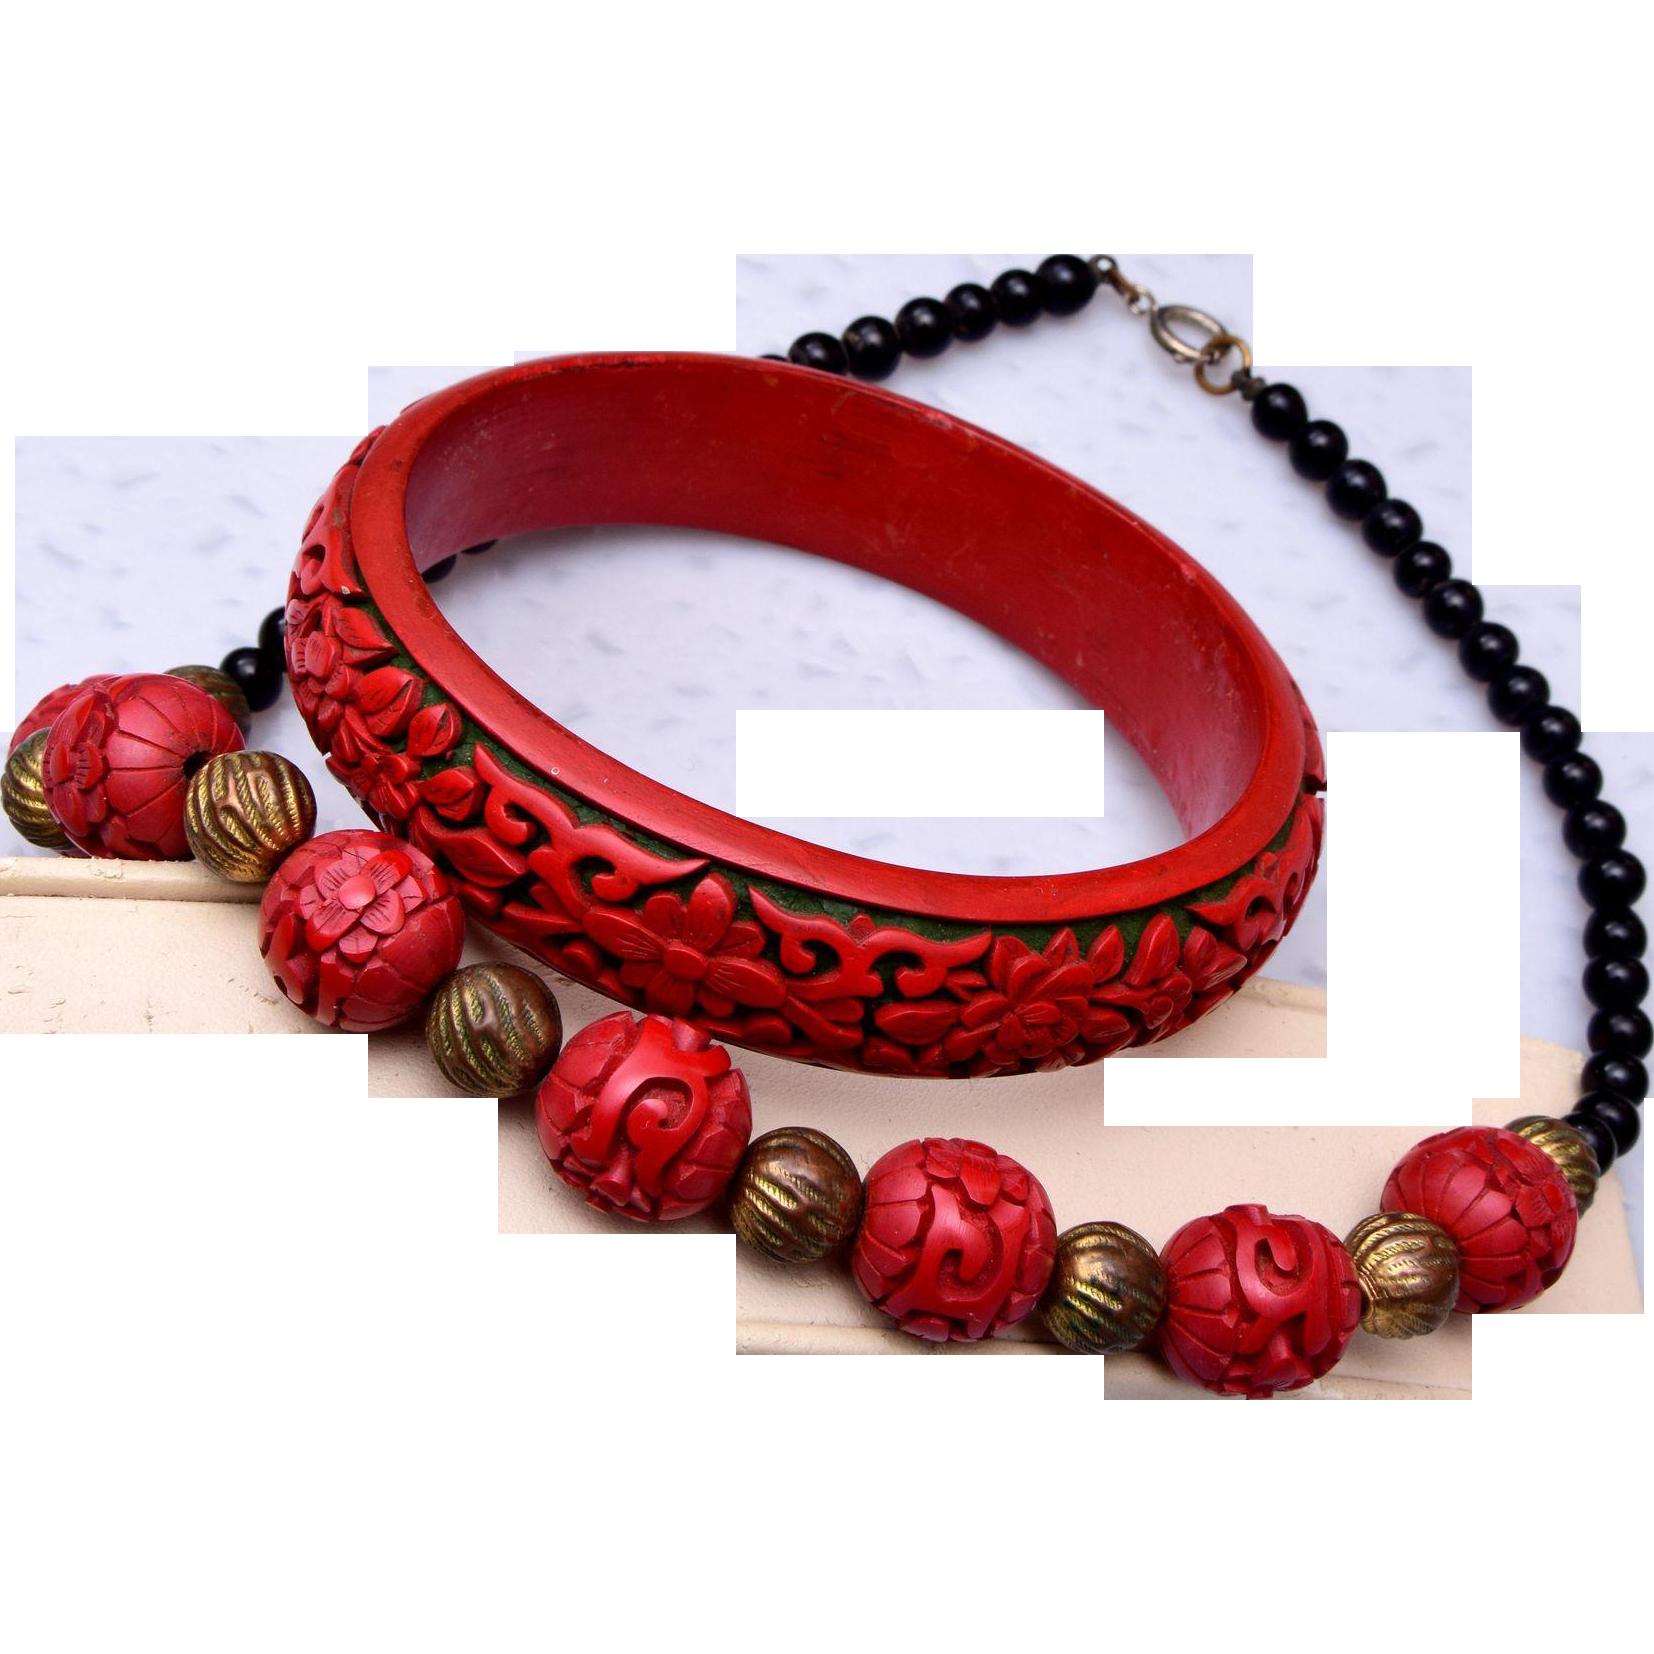 cinnabar bracelet and necklace set